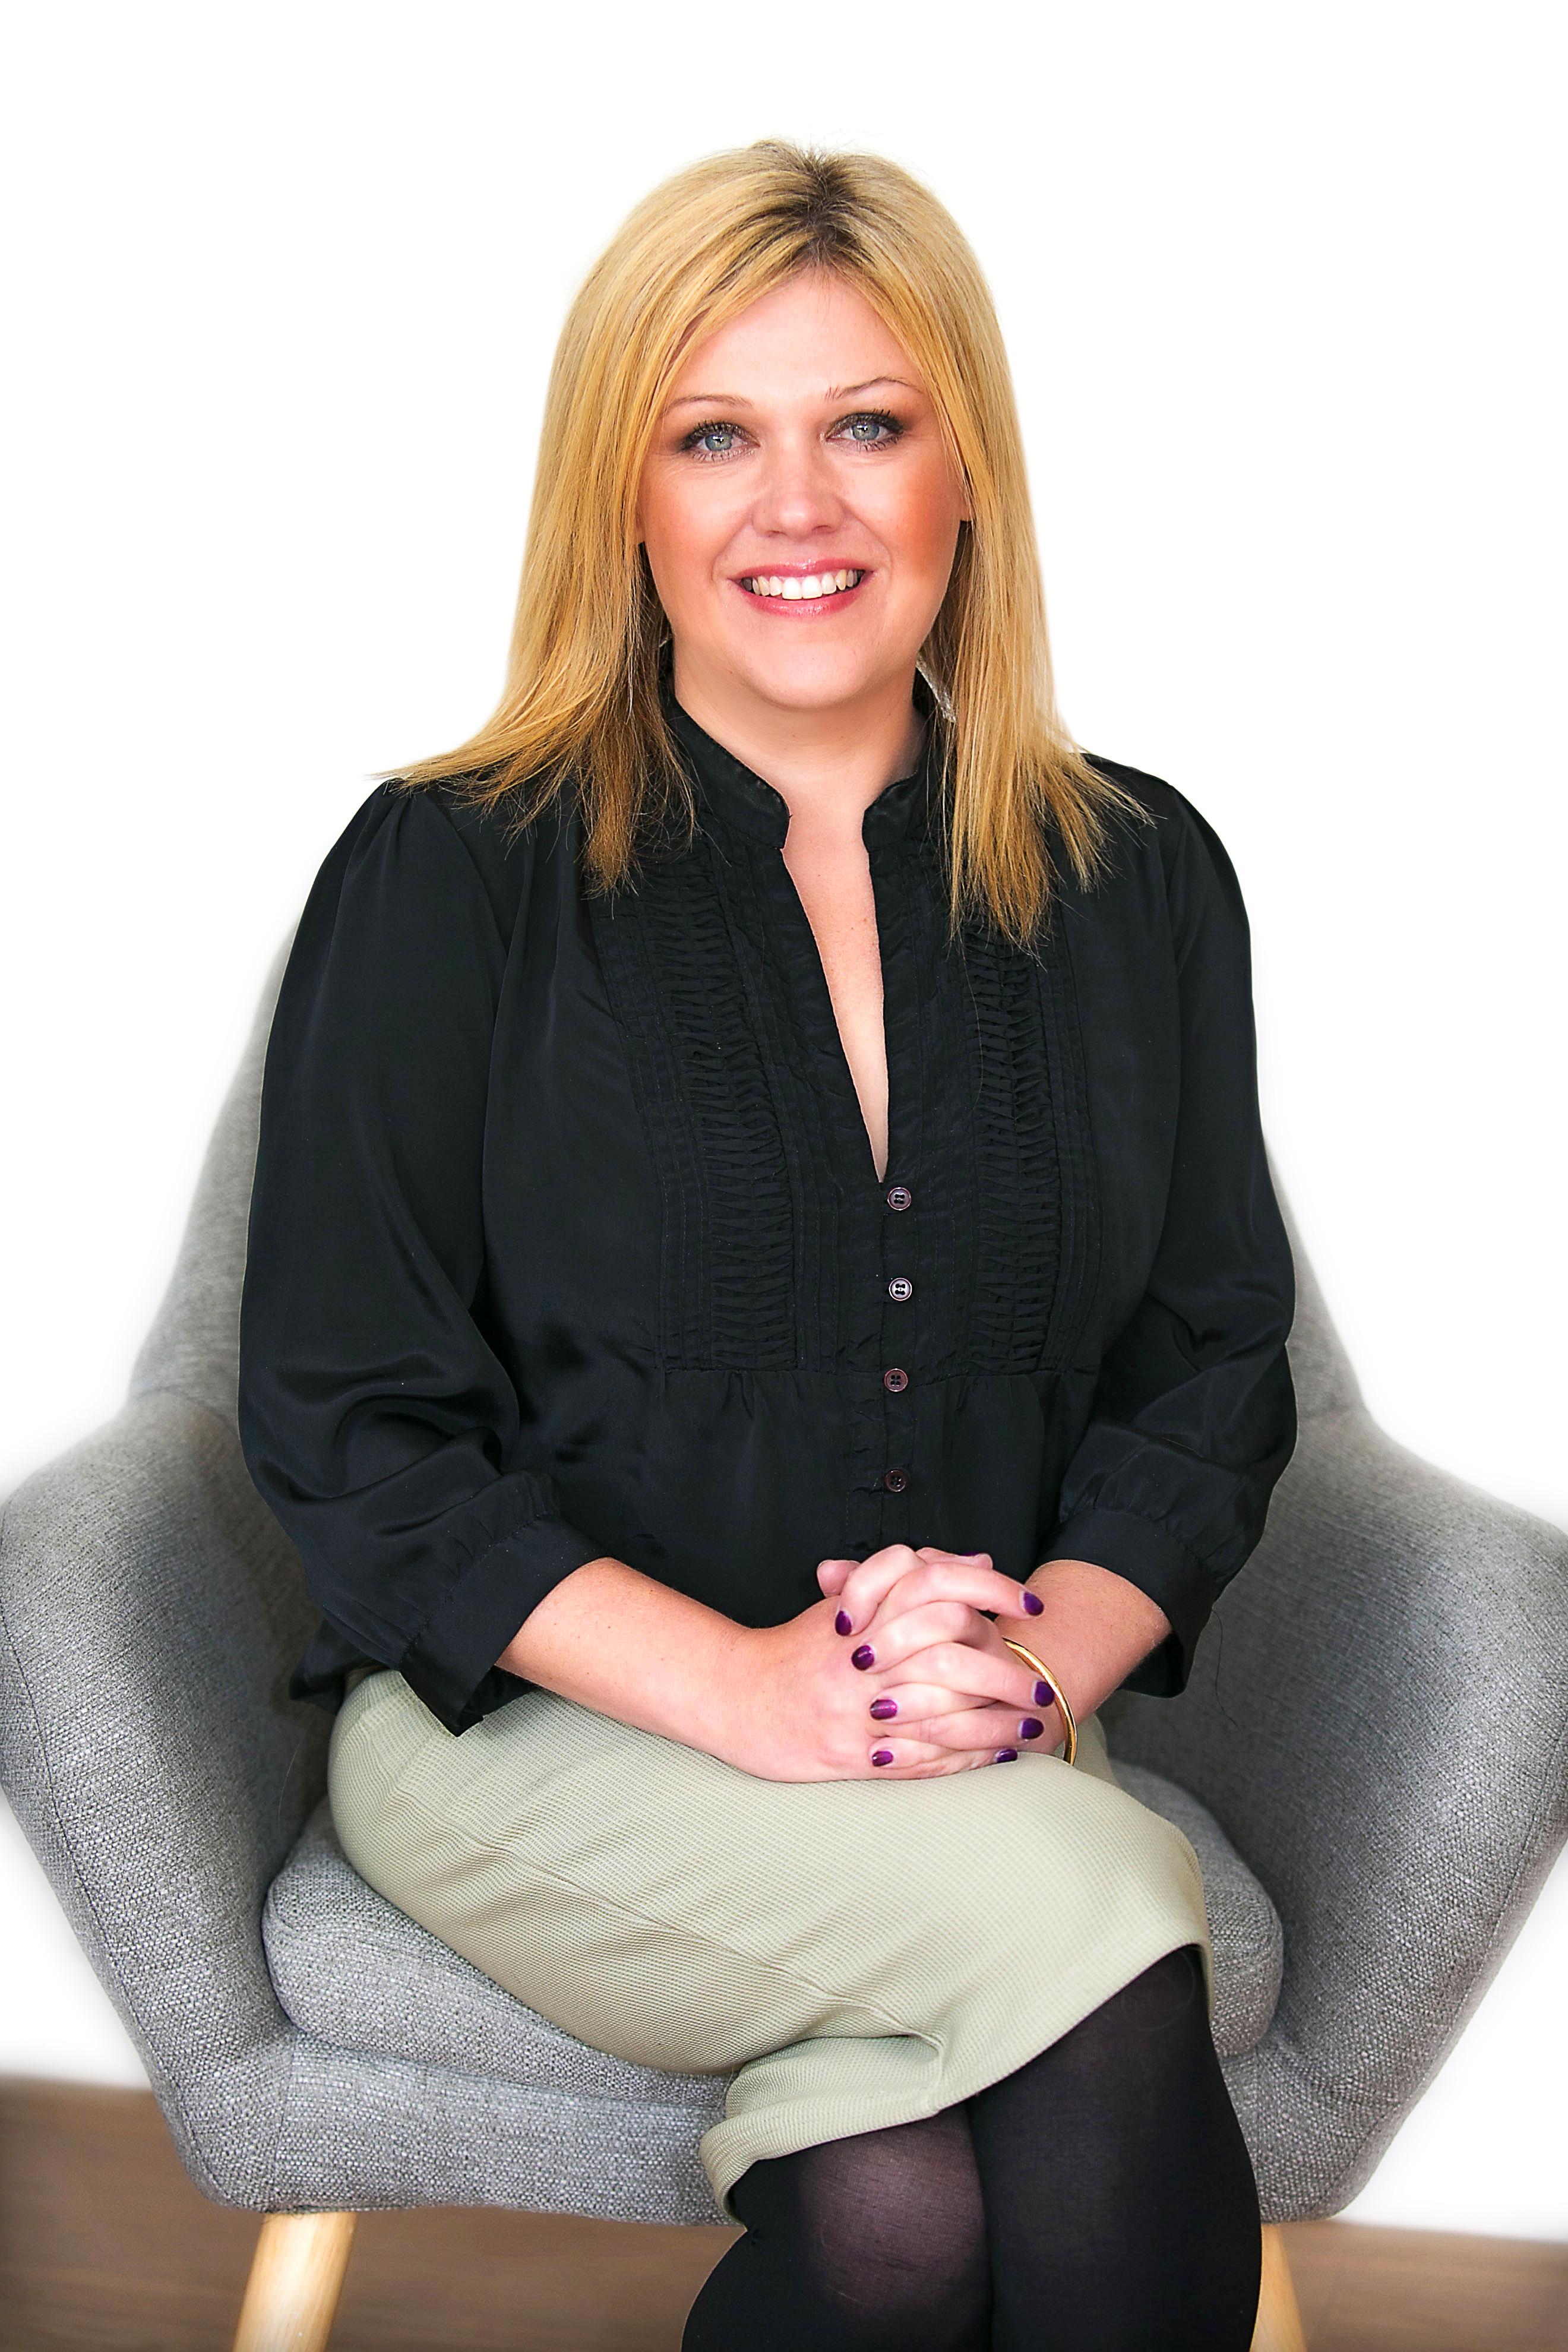 Kimberlee Beckwith